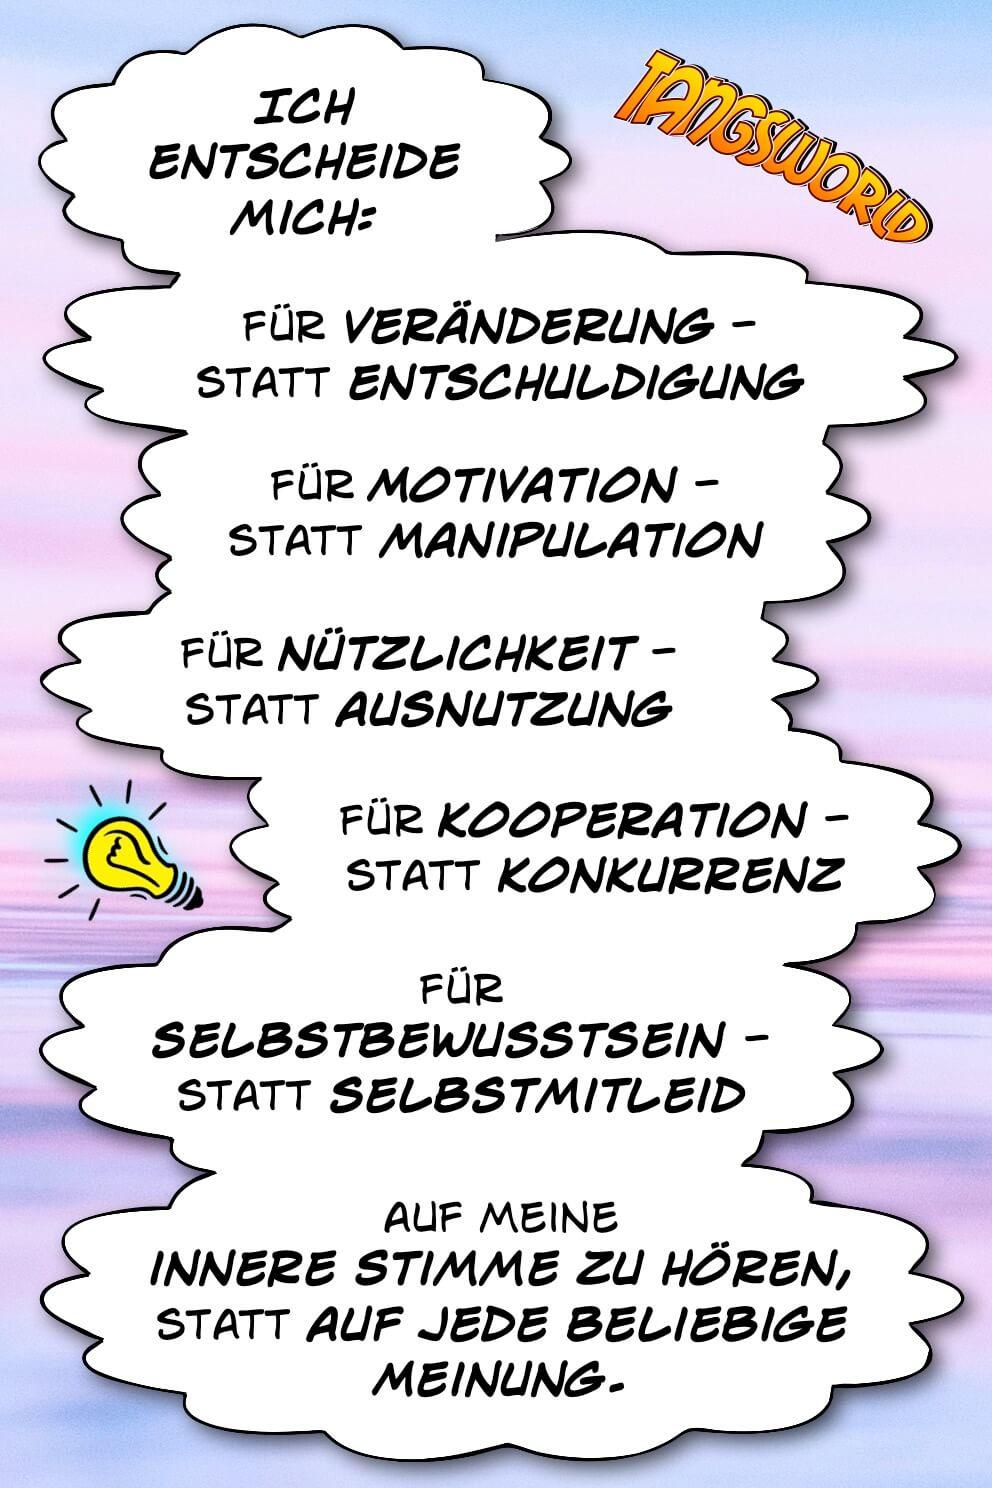 Ich entscheide mich: Für Veränderung, statt Entschuldigung - für Motivation statt Manipulation - für Nützlichkeit statt Ausnutzung - für Kooperation statt Konkurrenz - für Selbstbewusstsein statt Selbstmitleid - auf meine innere Stimme zu hören, statt auf jede beliebige Meinung. - Geistesblitze